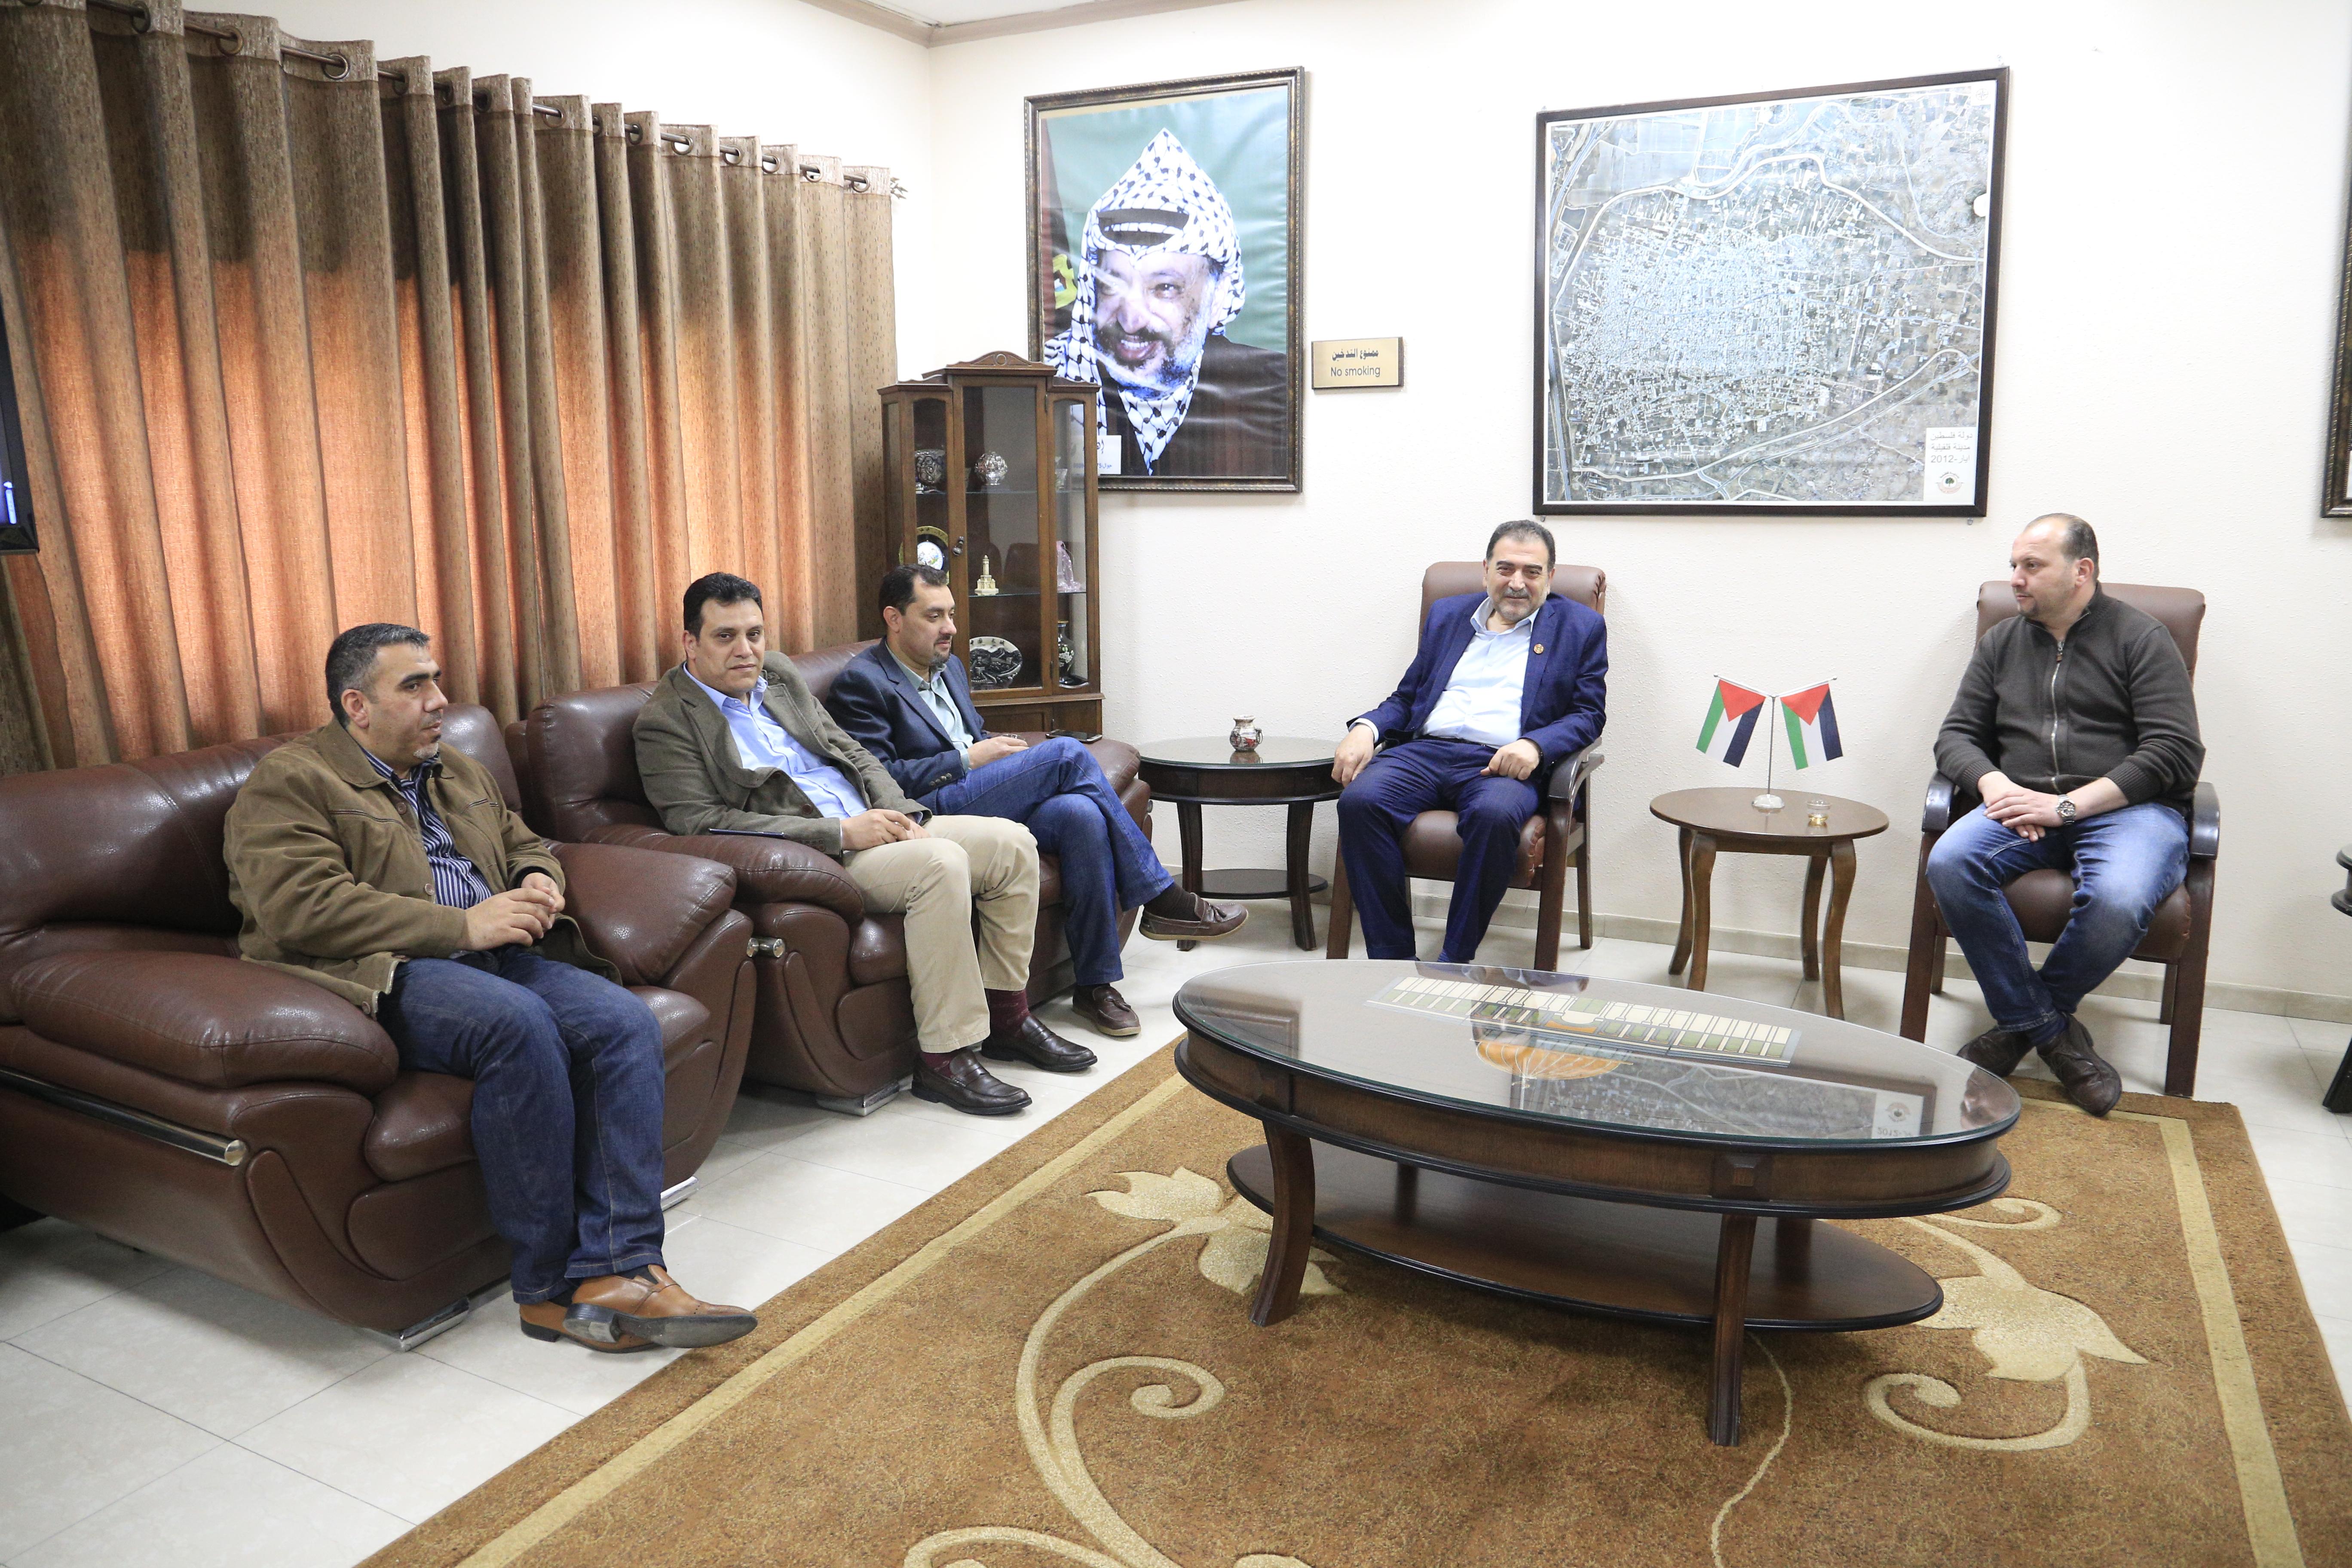 رئيس بلدية قلقيلية د. هاشم المصري يلتقي في مكتبه وفدا من شركة جوال